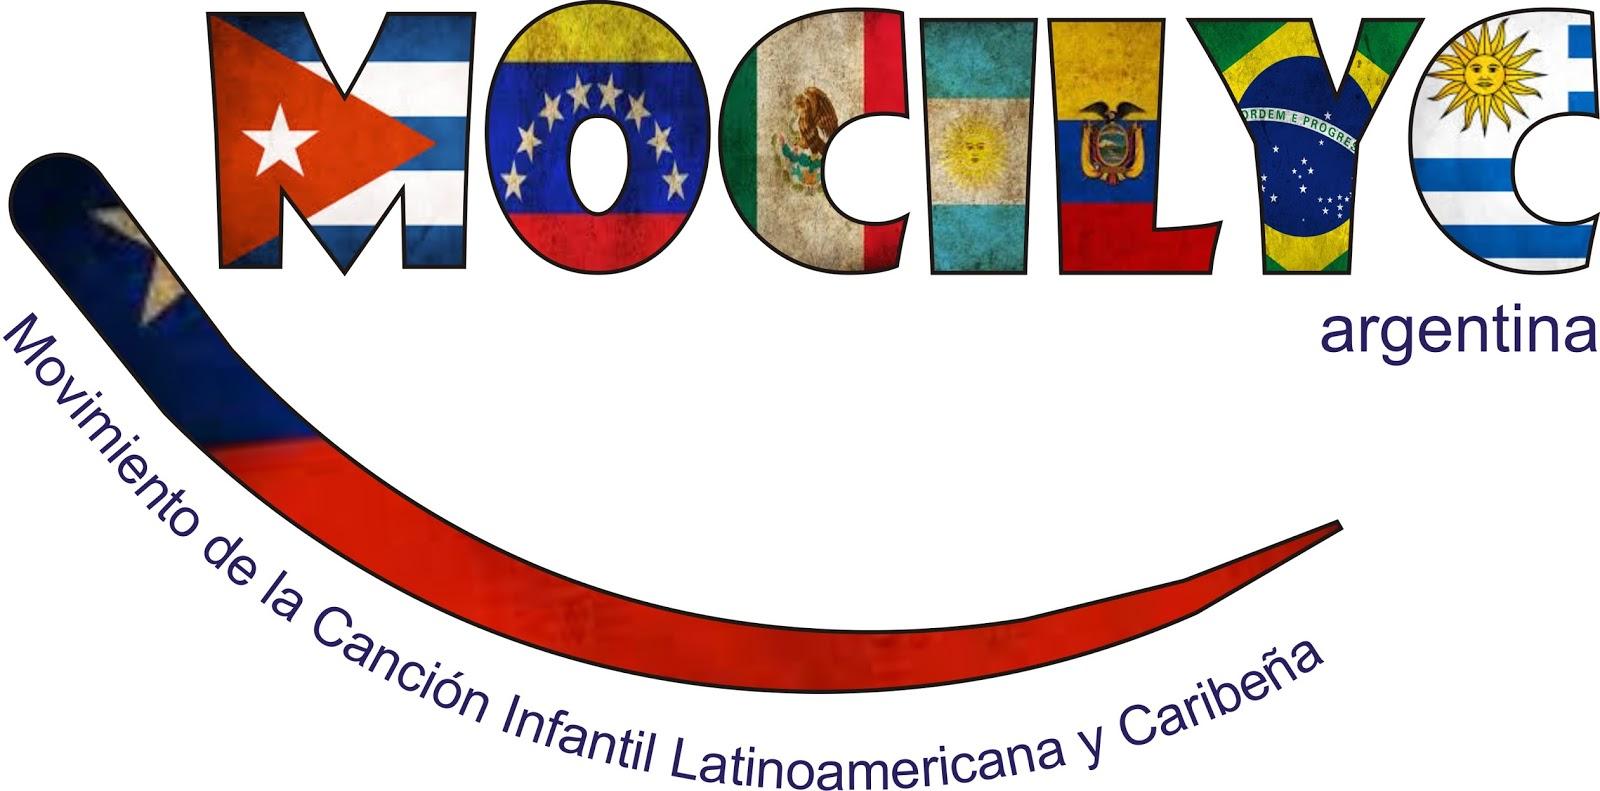 Movimiento Latinoamericano en Argentina